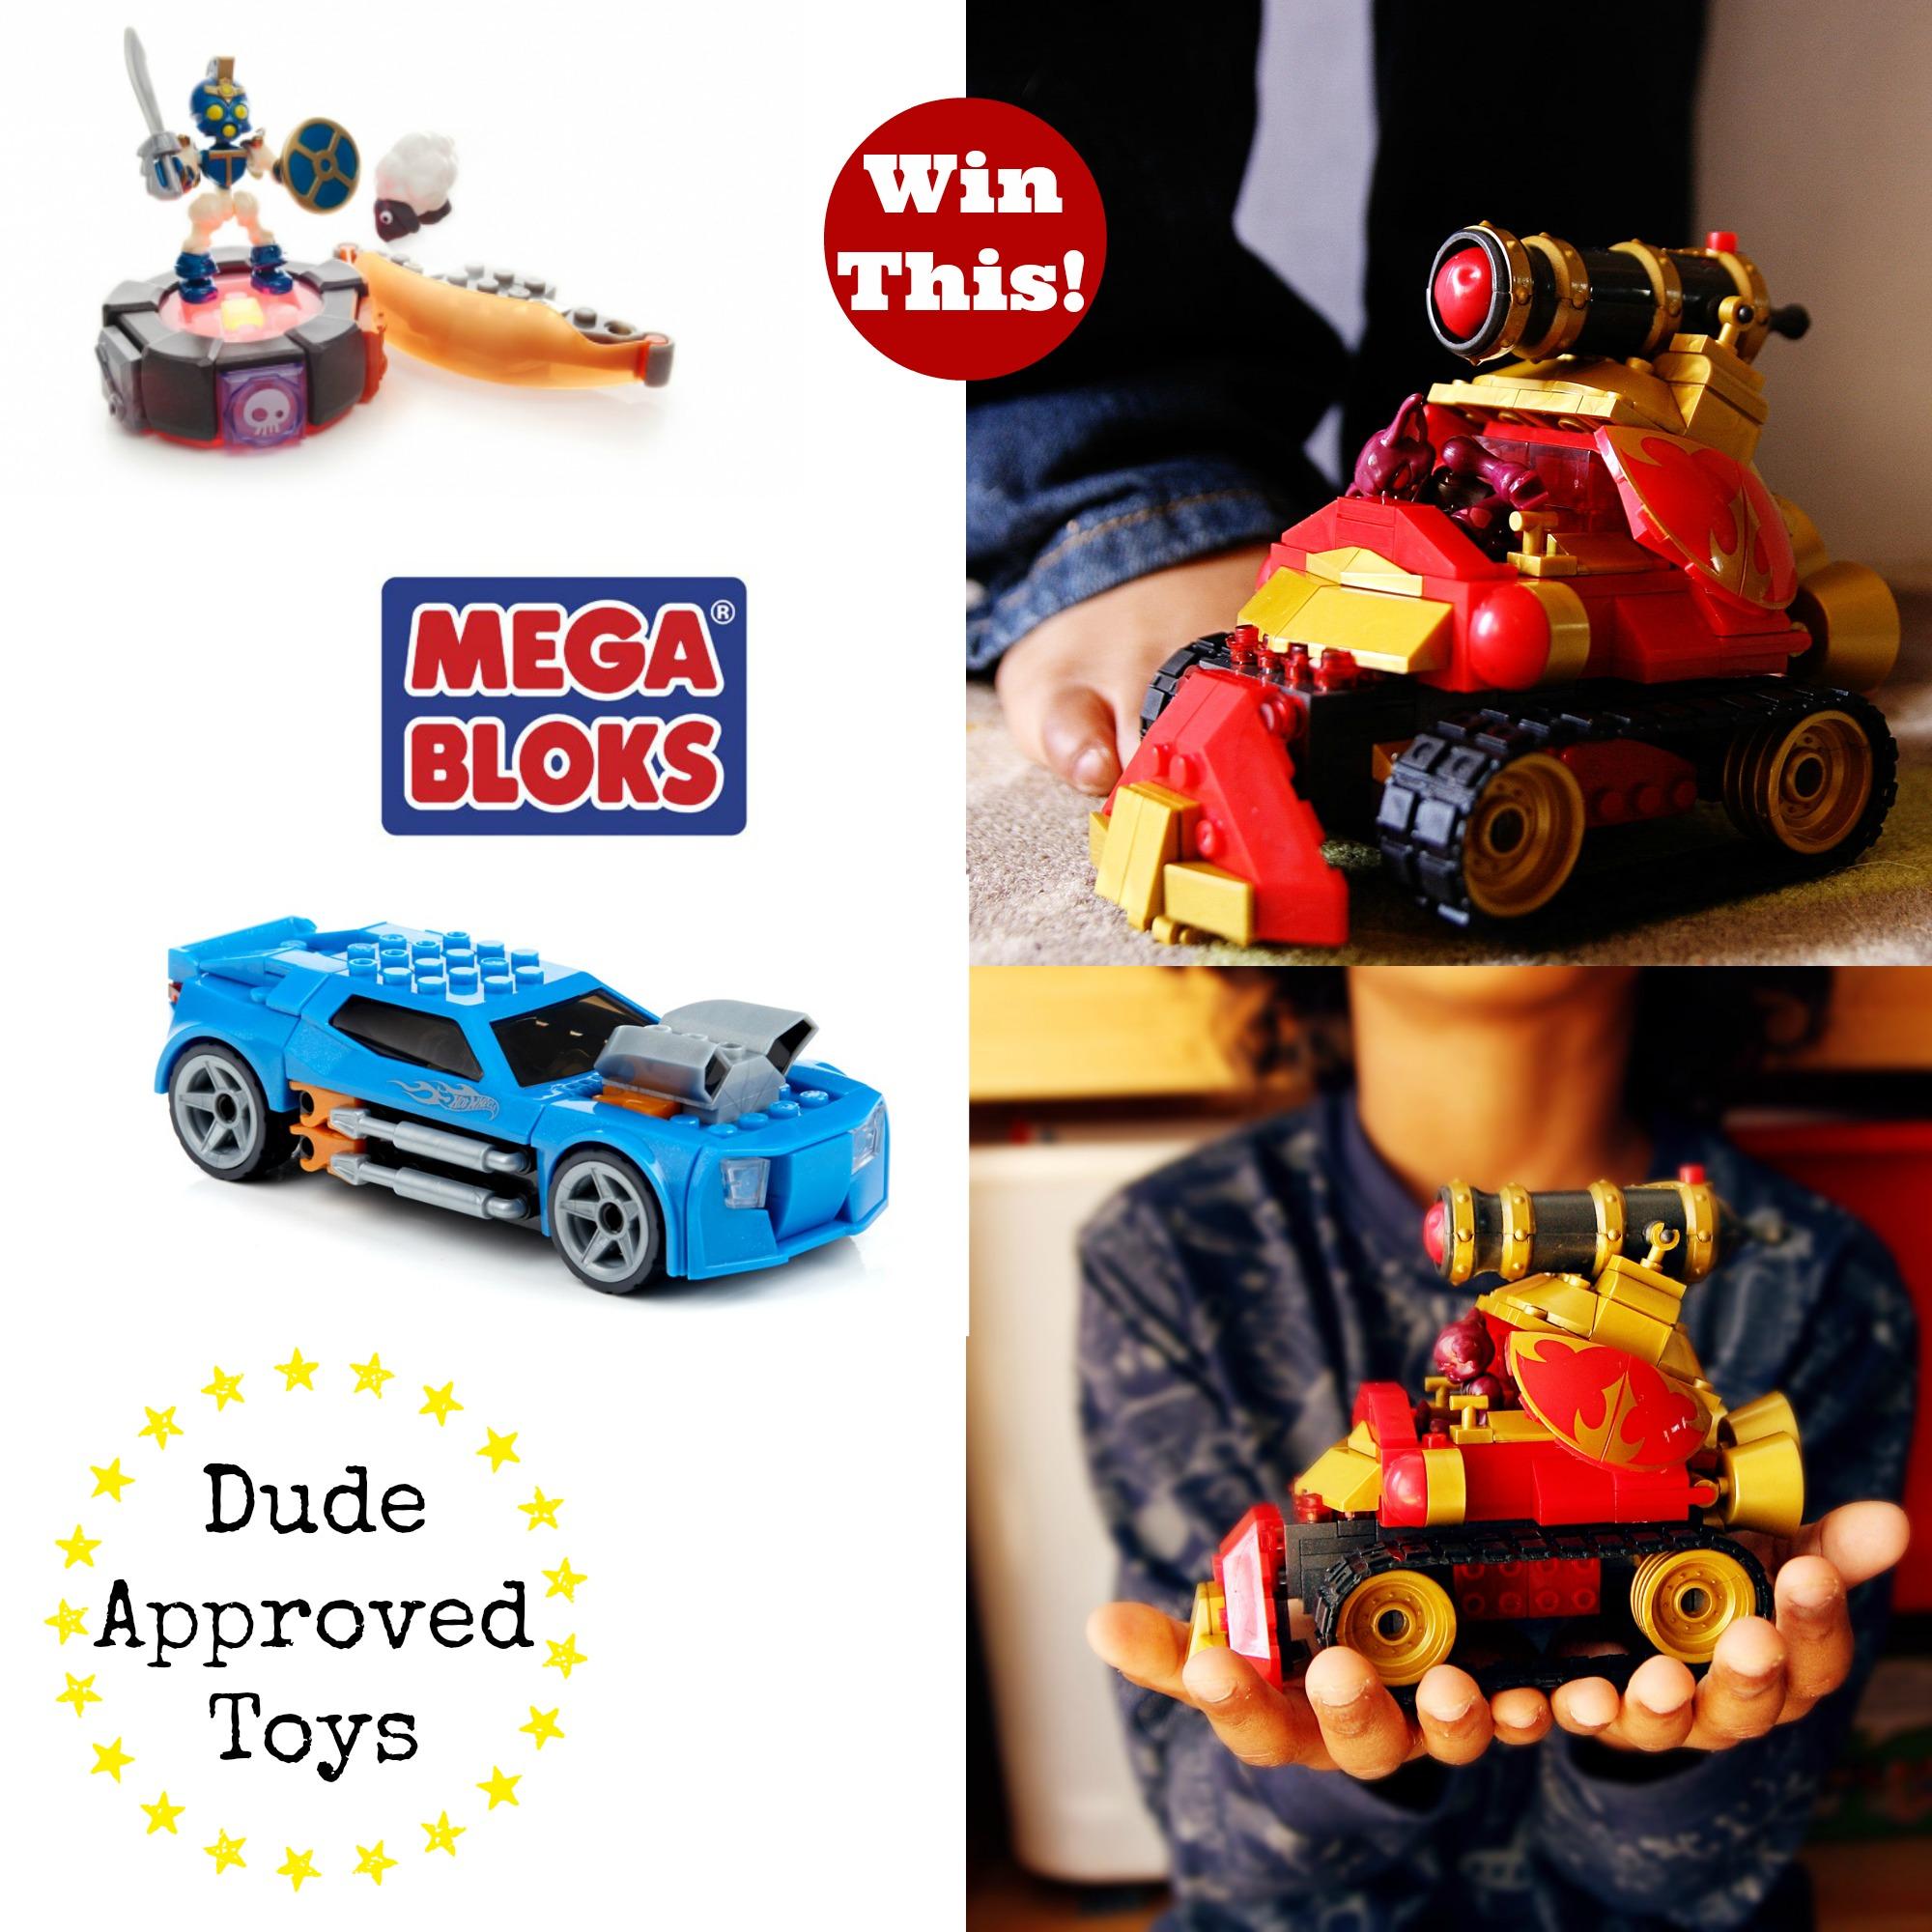 megabloks toys